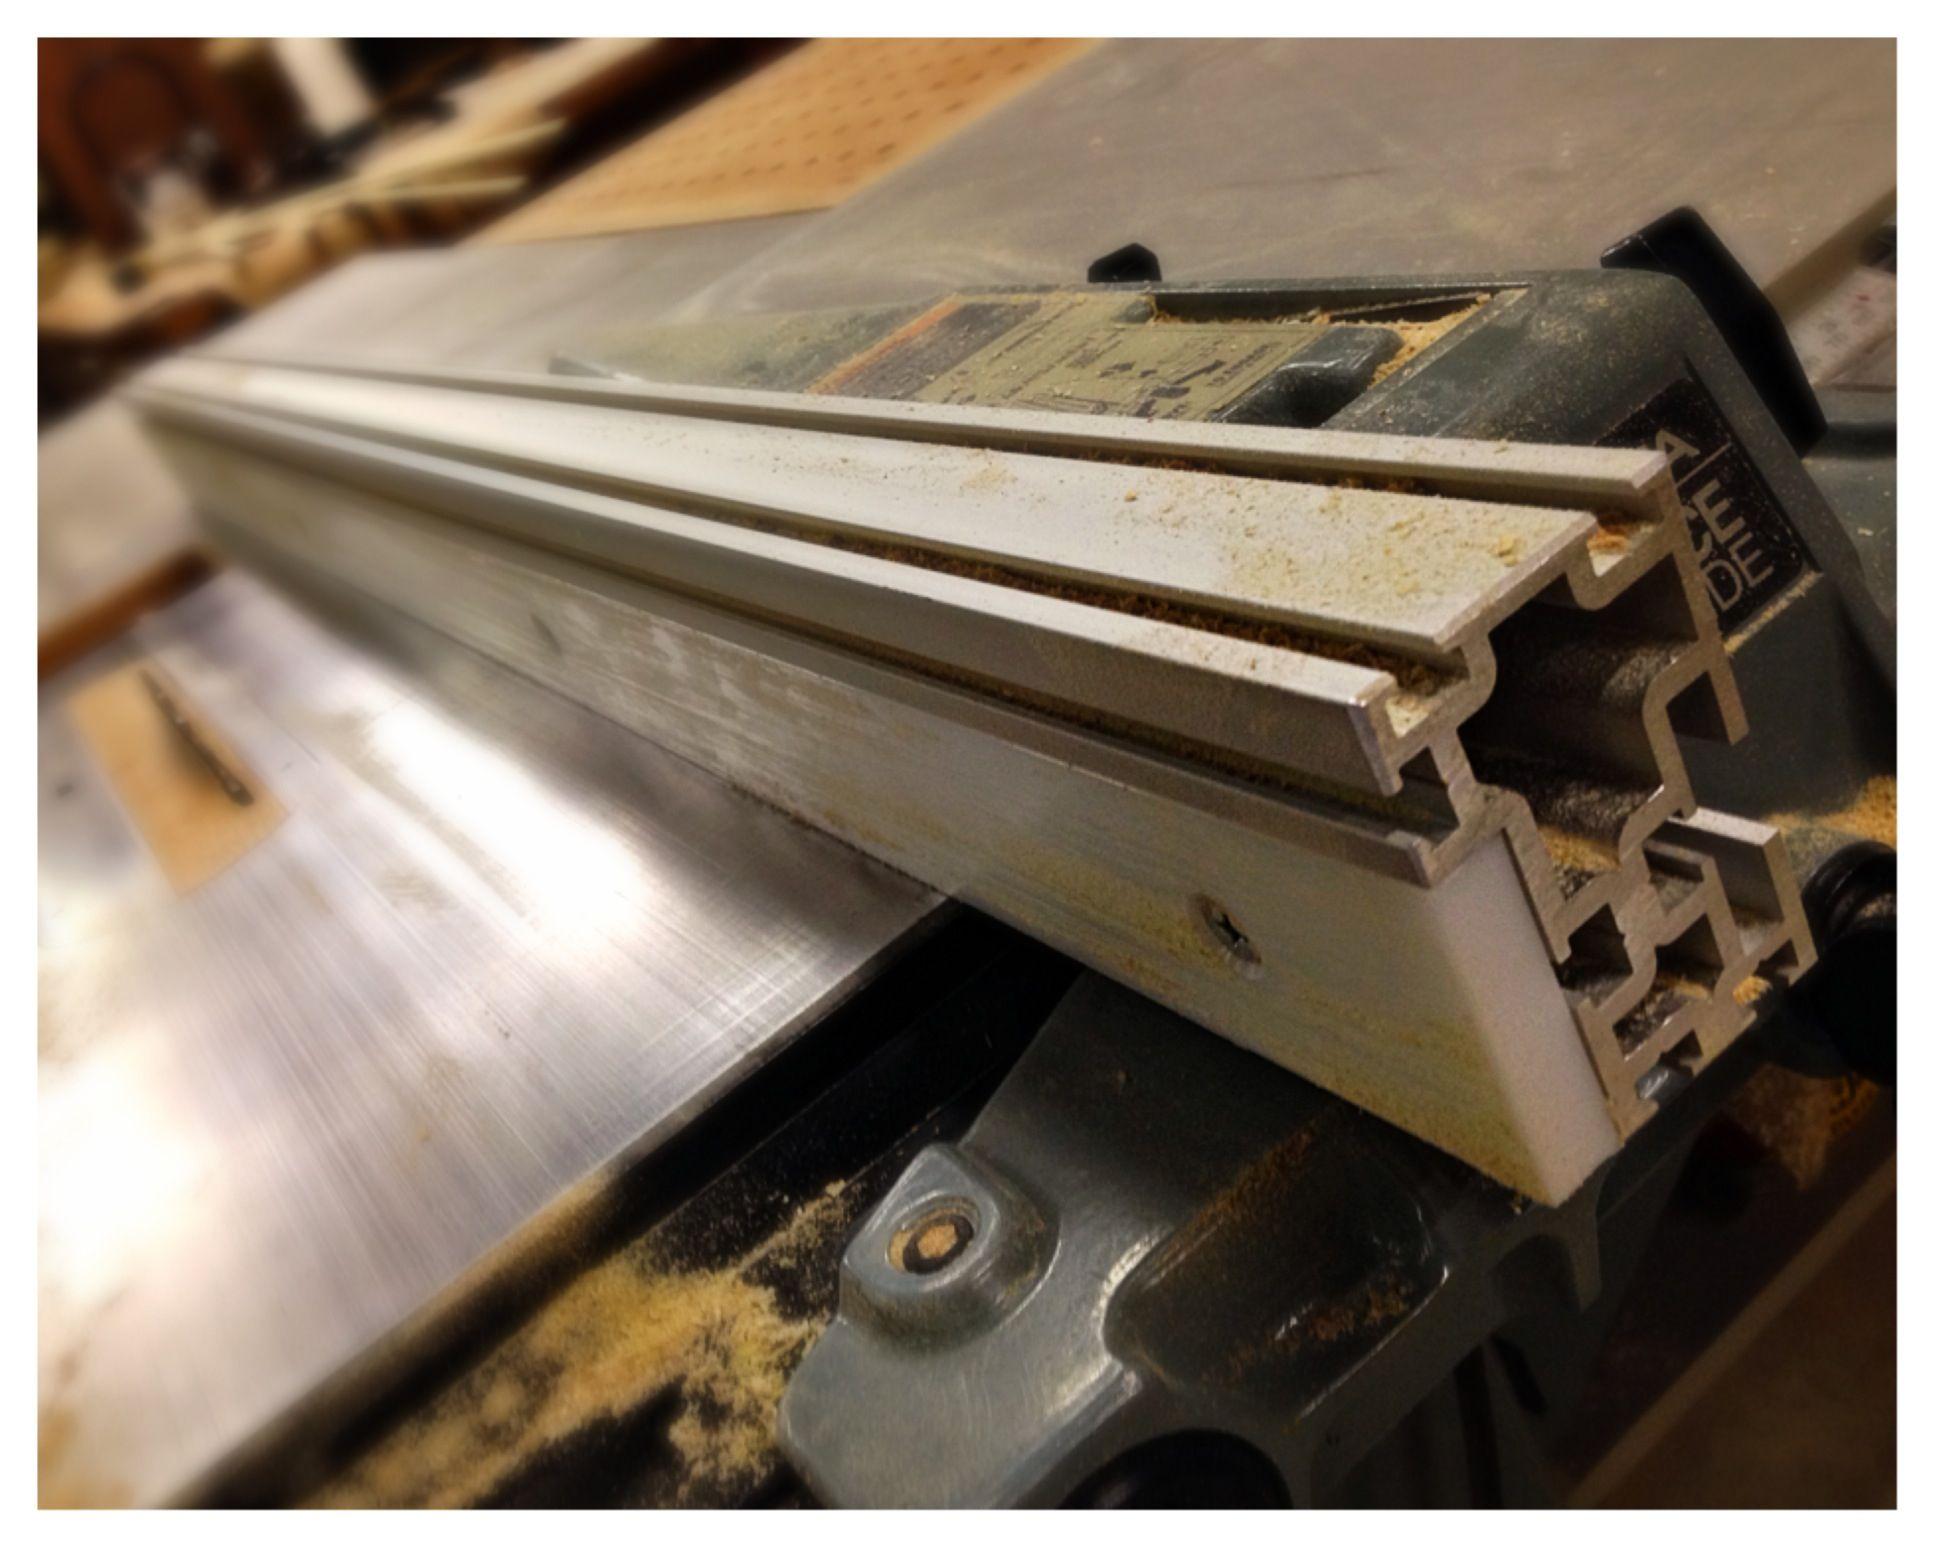 Unisaw Fence Upgrade Table saw, Electronics, Fence